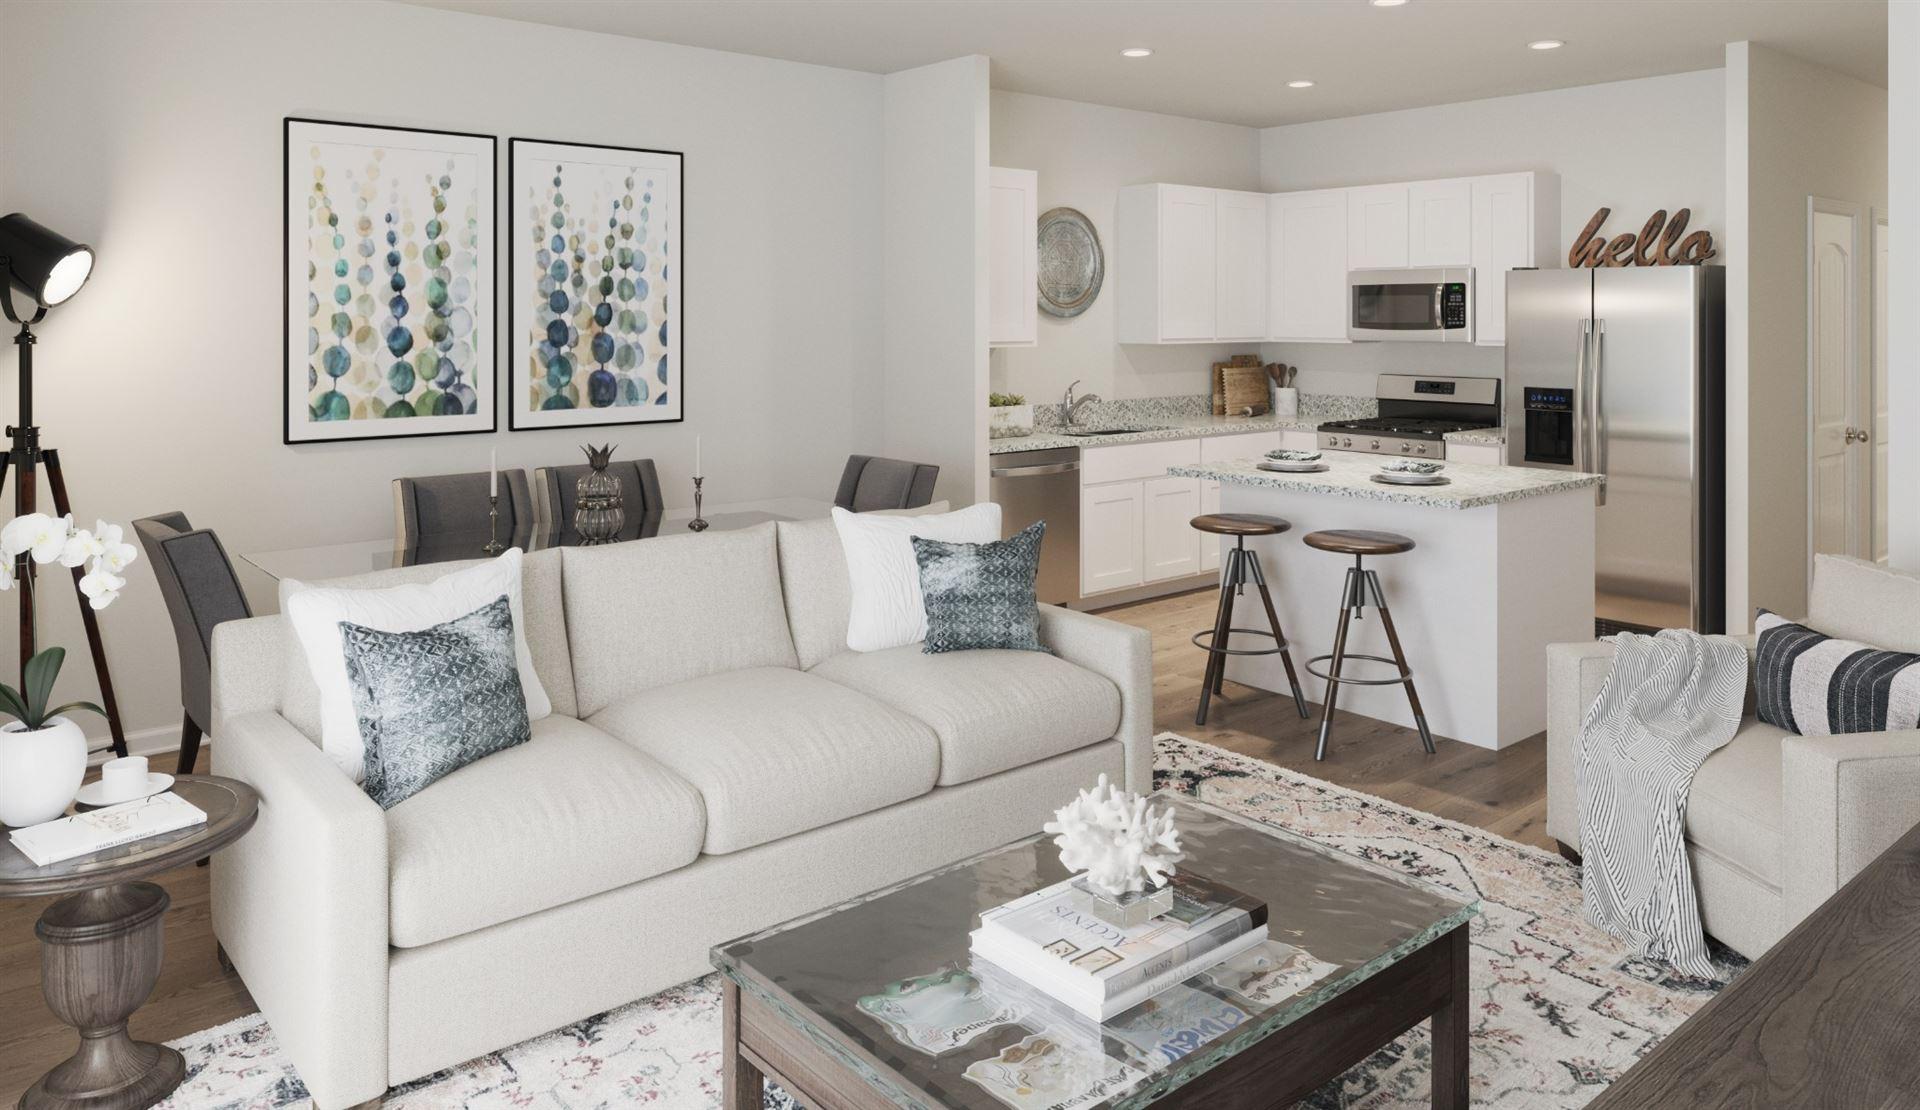 503 Clifford Heights Lot # 33, Columbia, TN 38401 - MLS#: 2229286